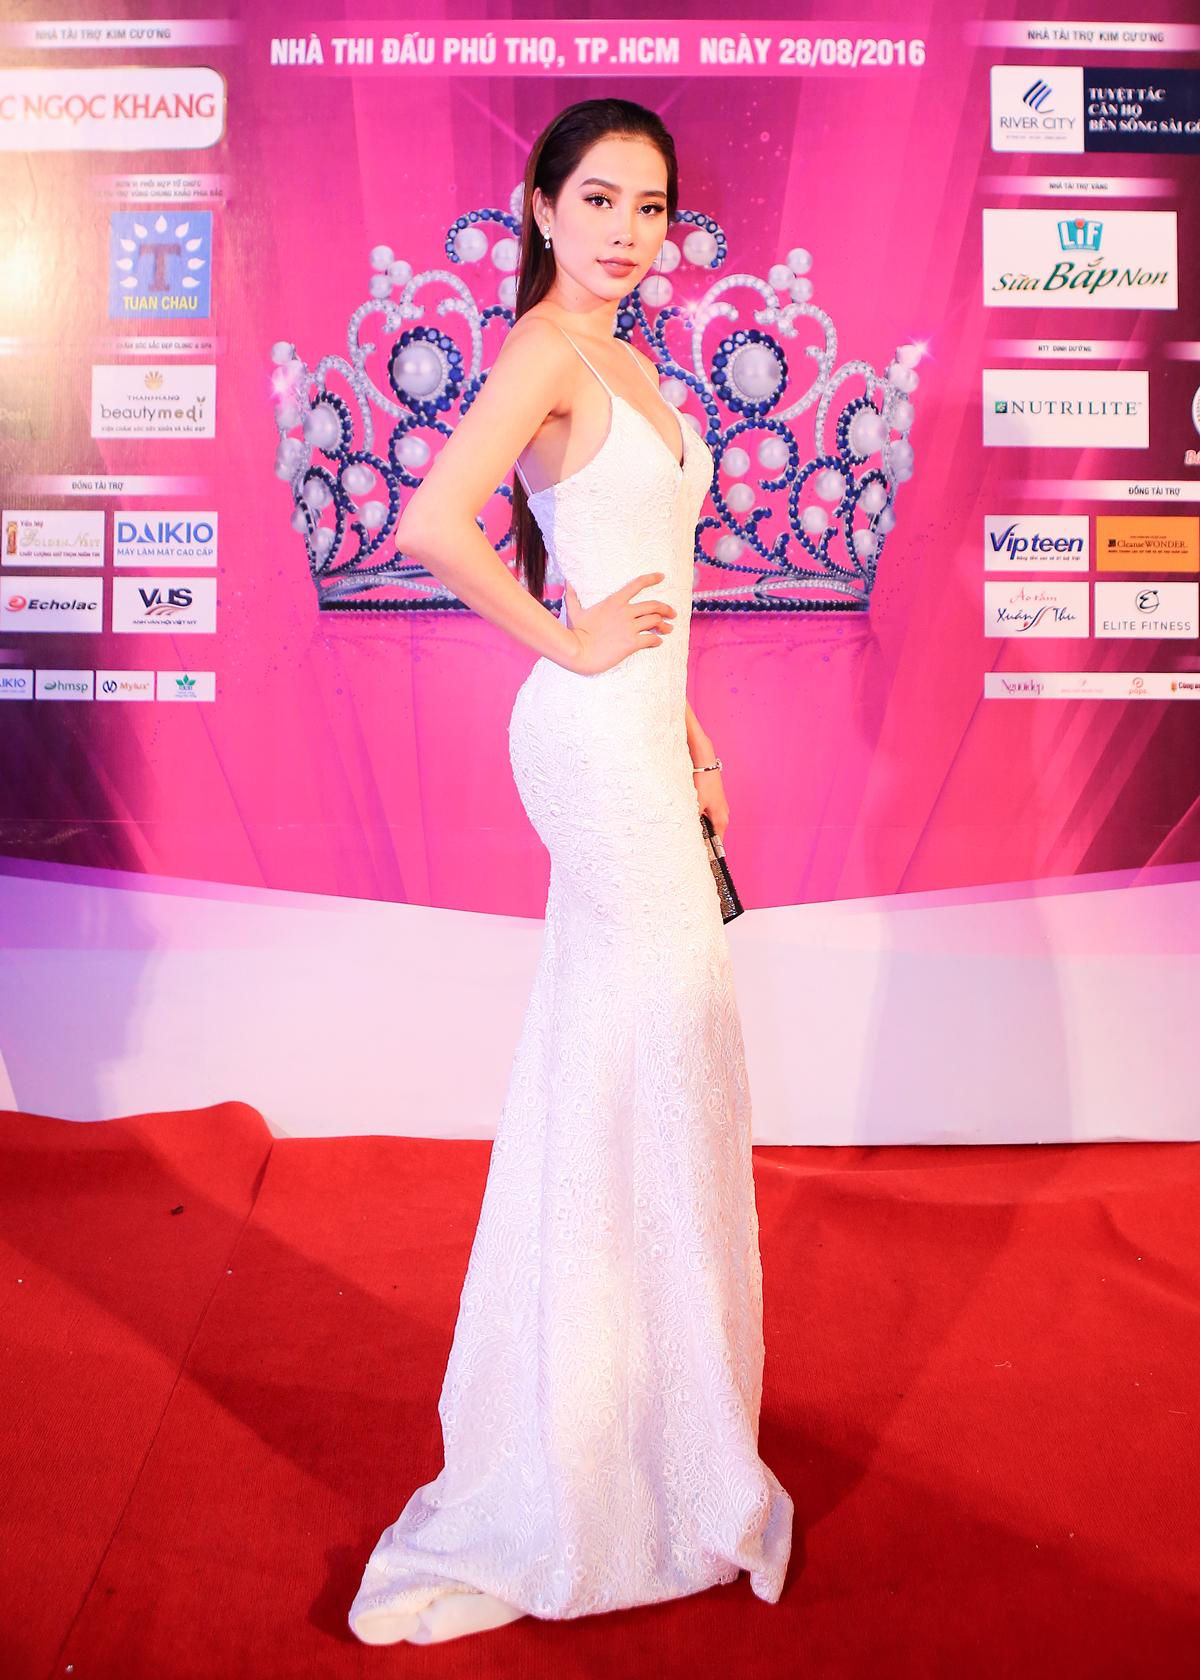 Nam Em - Mỹ Nhân đối lập phong cách trên thảm đỏ Hoa hậu Việt Nam 2016 1